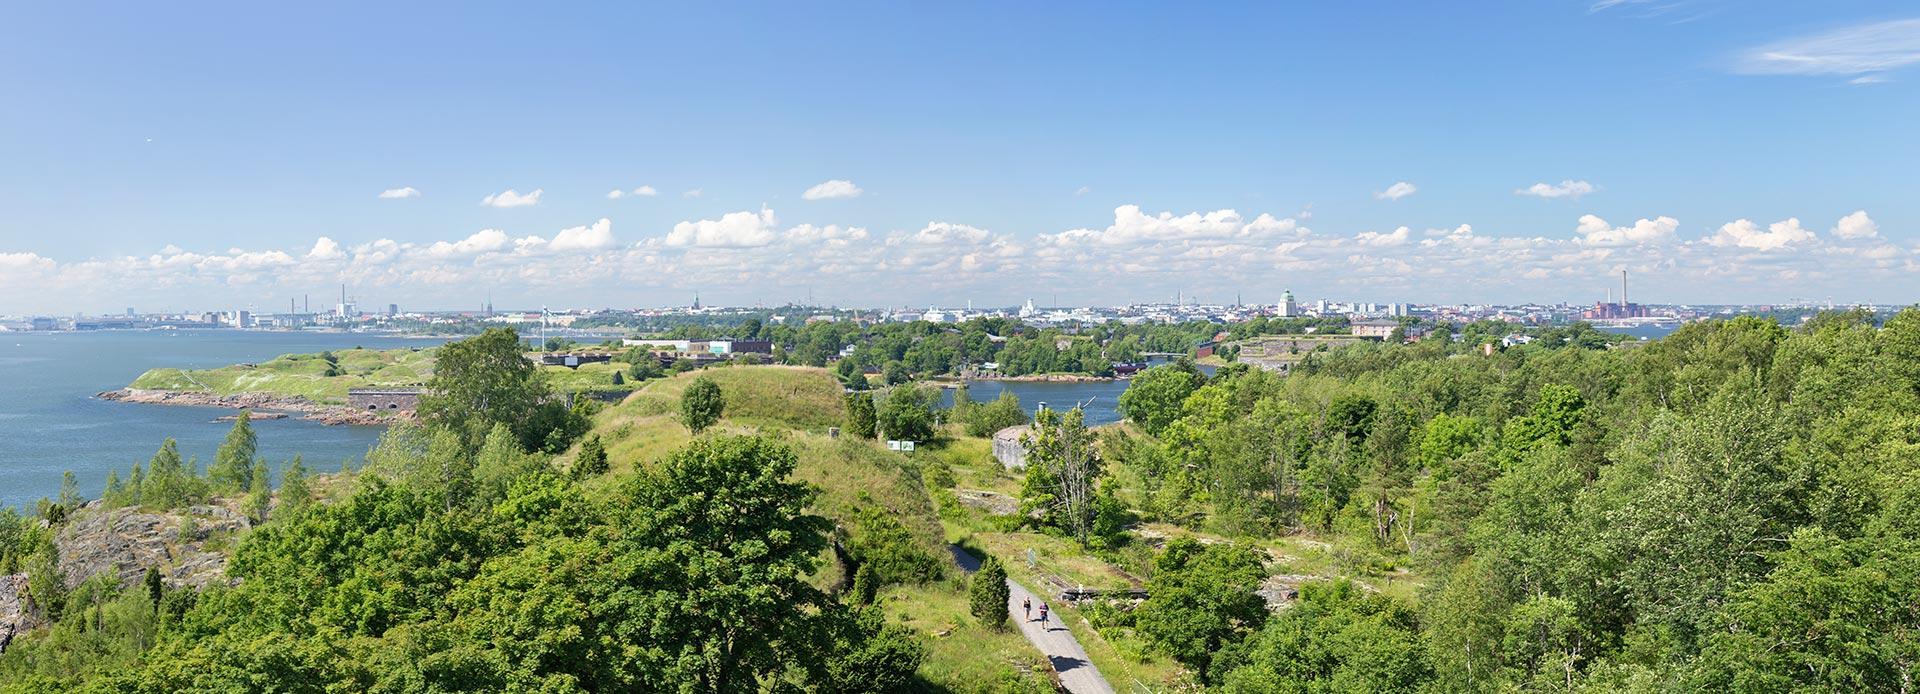 Näkymä kaupunkiin Vallisaaresta. © Tuulia Kolehmainen / tripsteri.fi